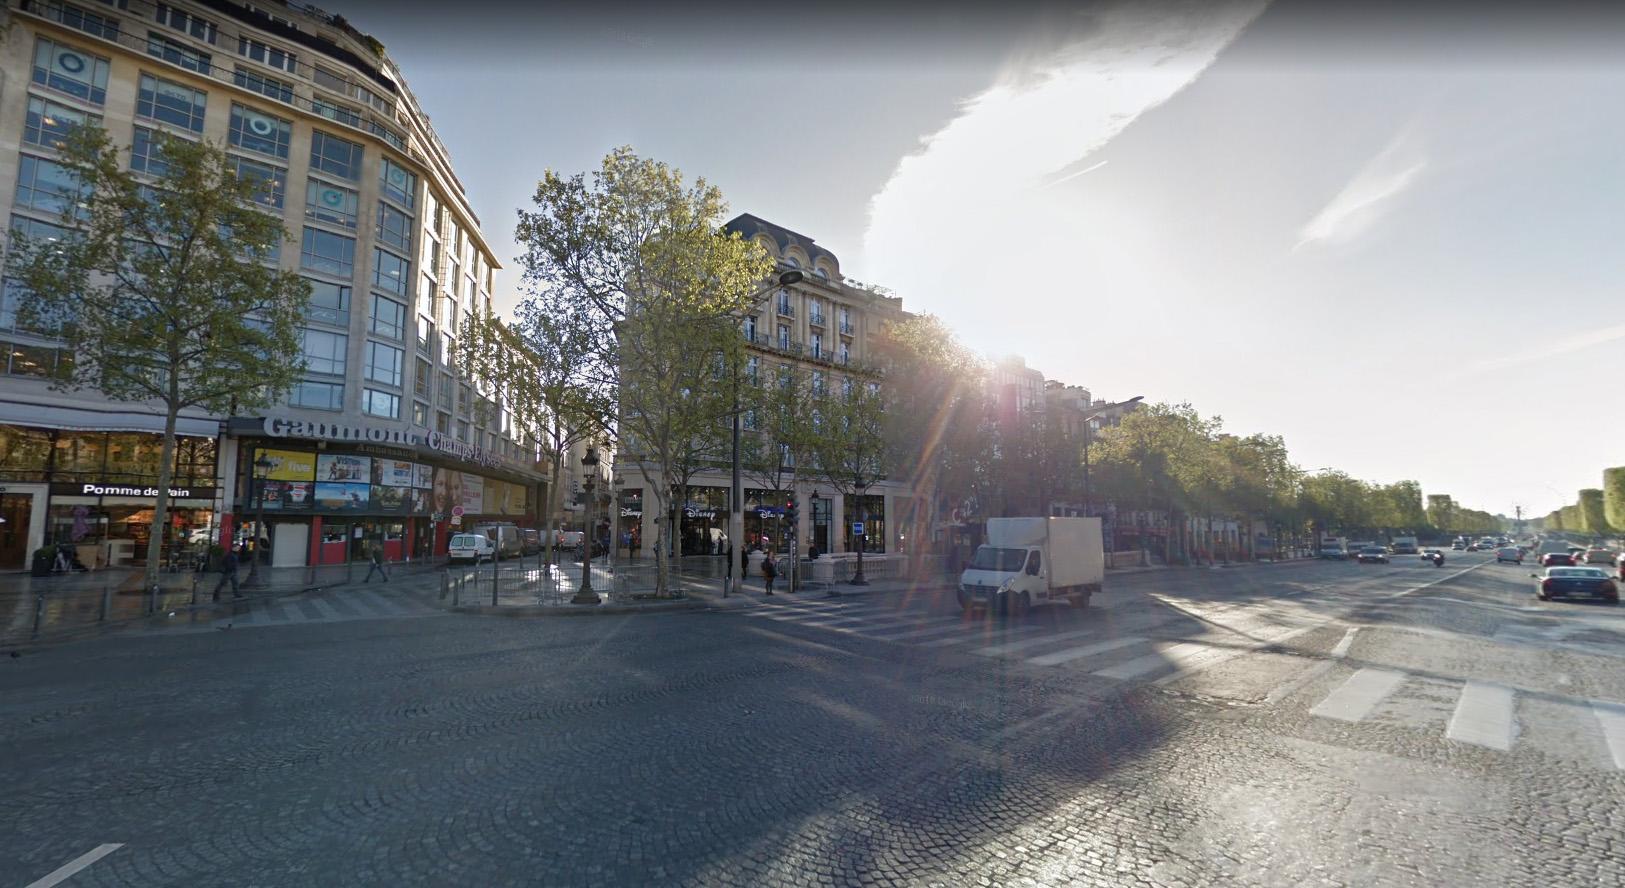 Les Champs-11